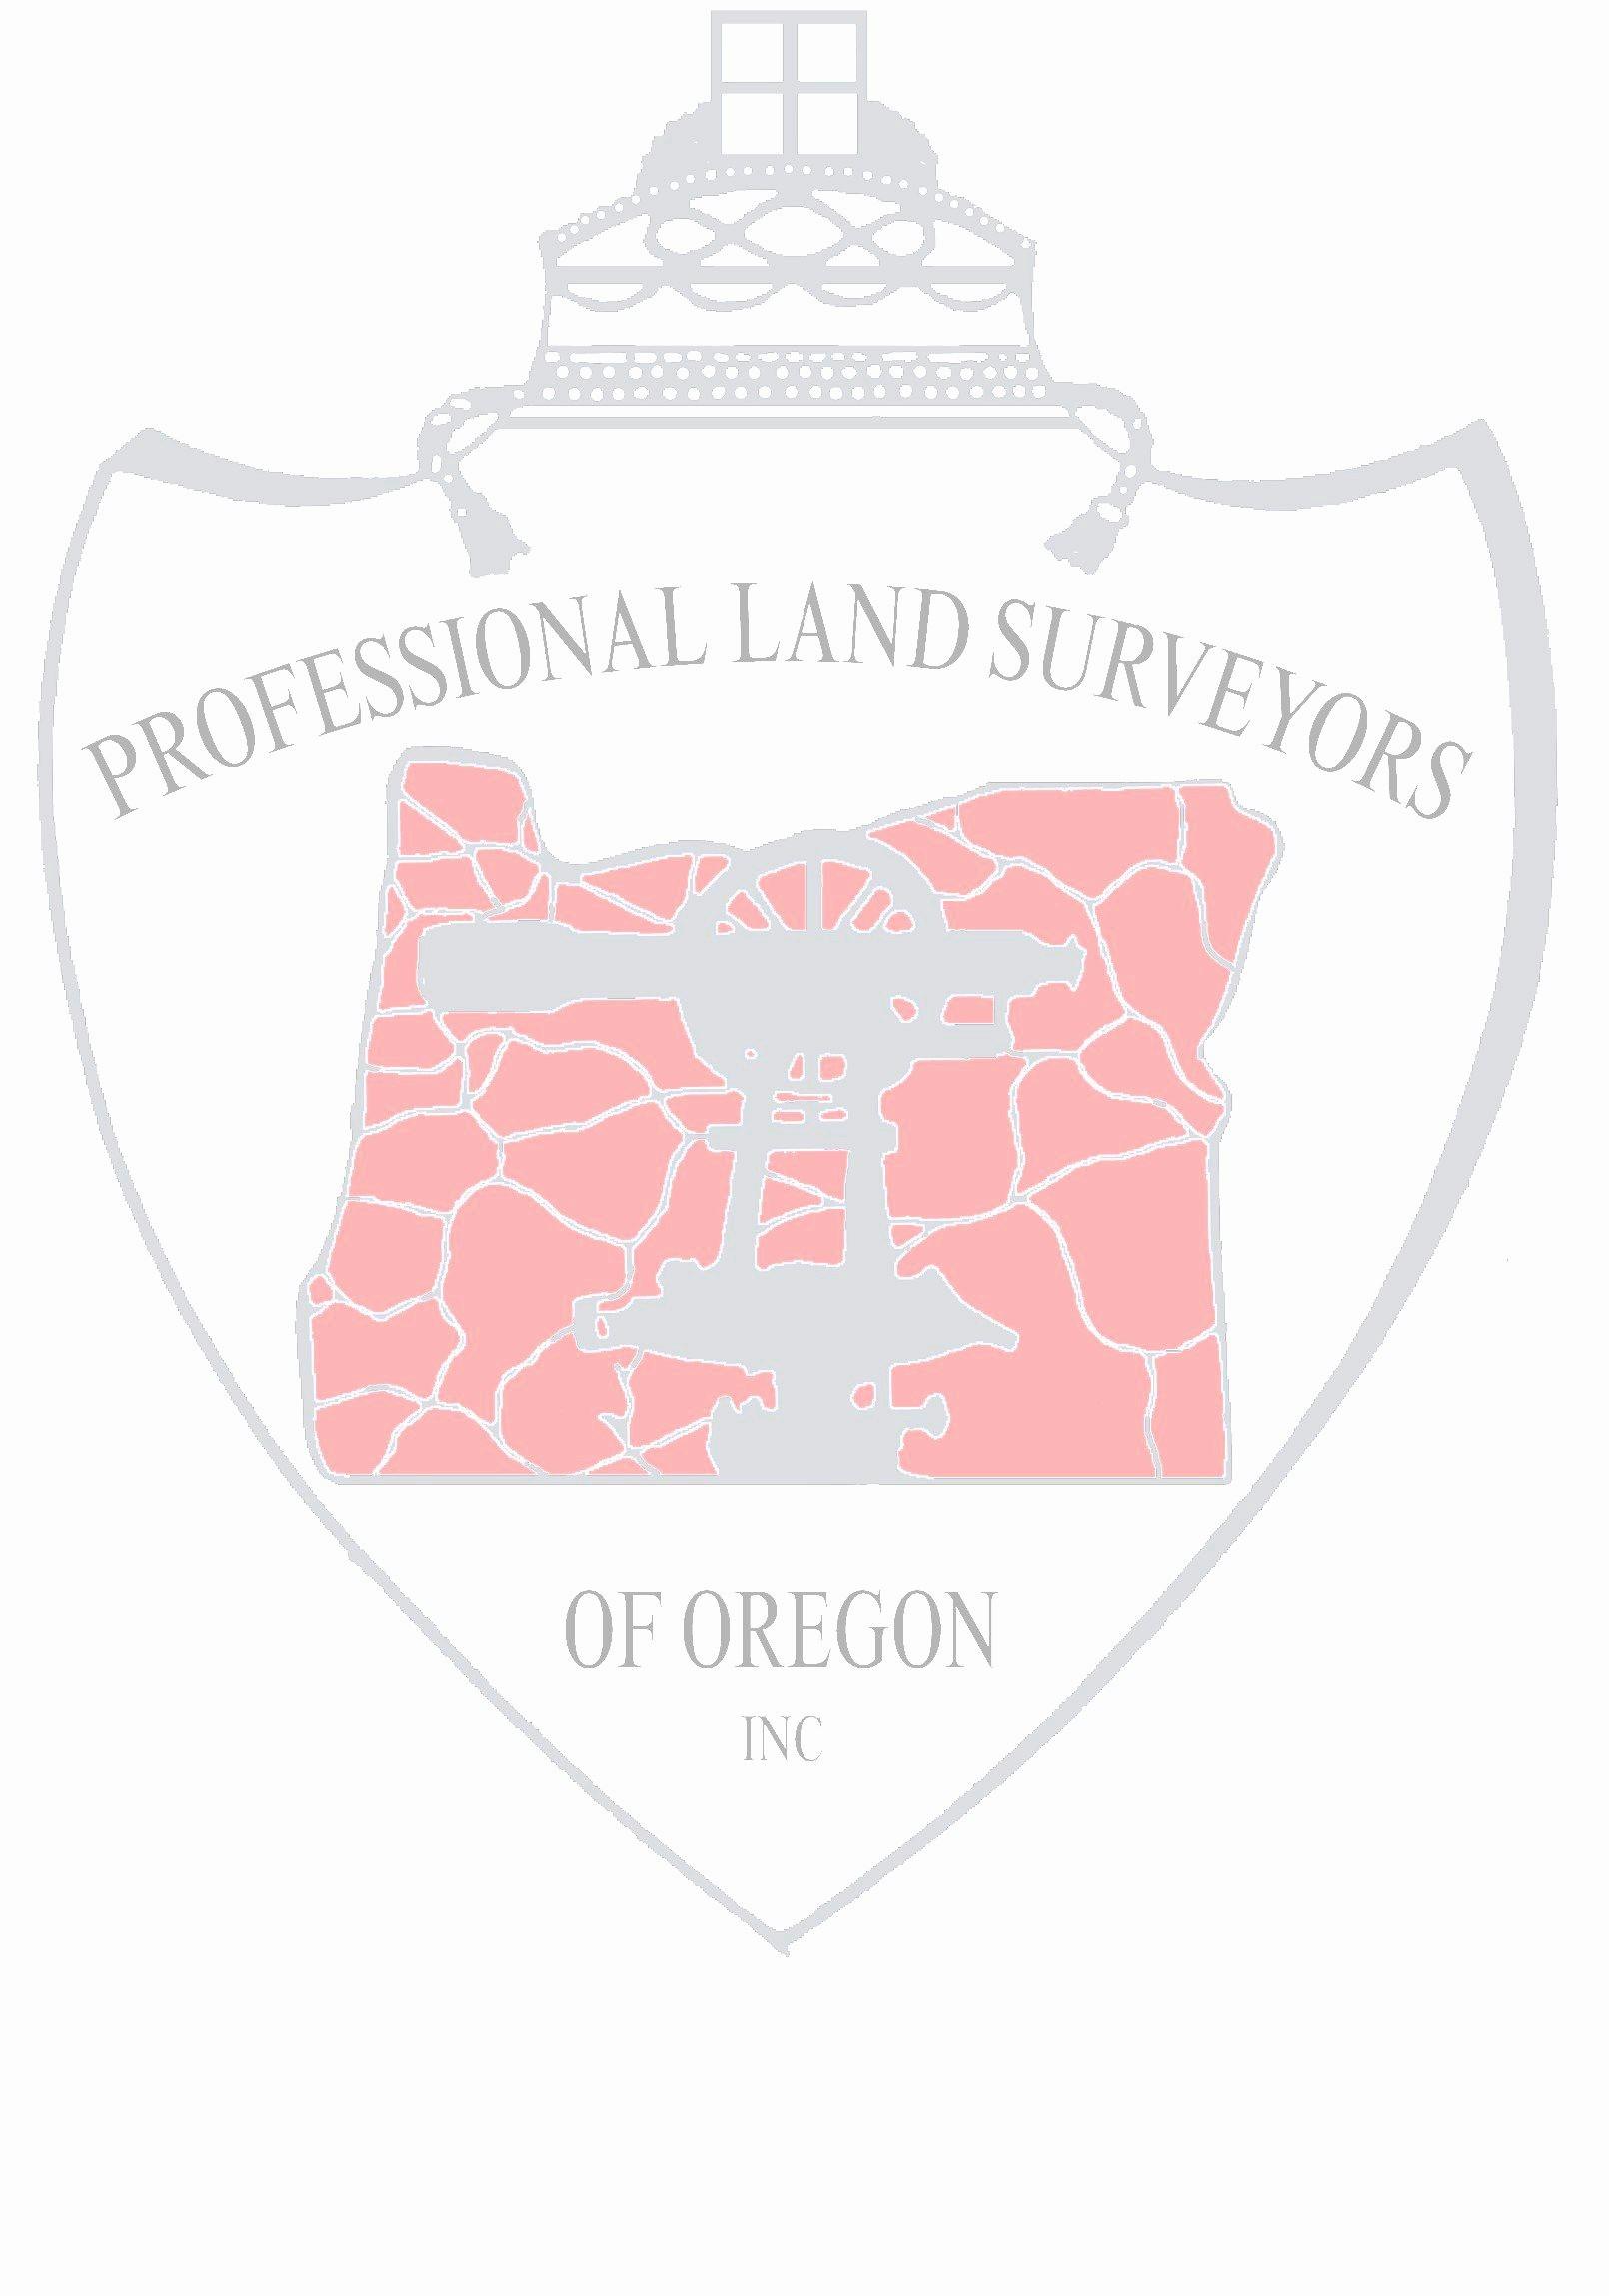 Land Surveyor Resume Pdf Top8constructionsurveyorresumesamples